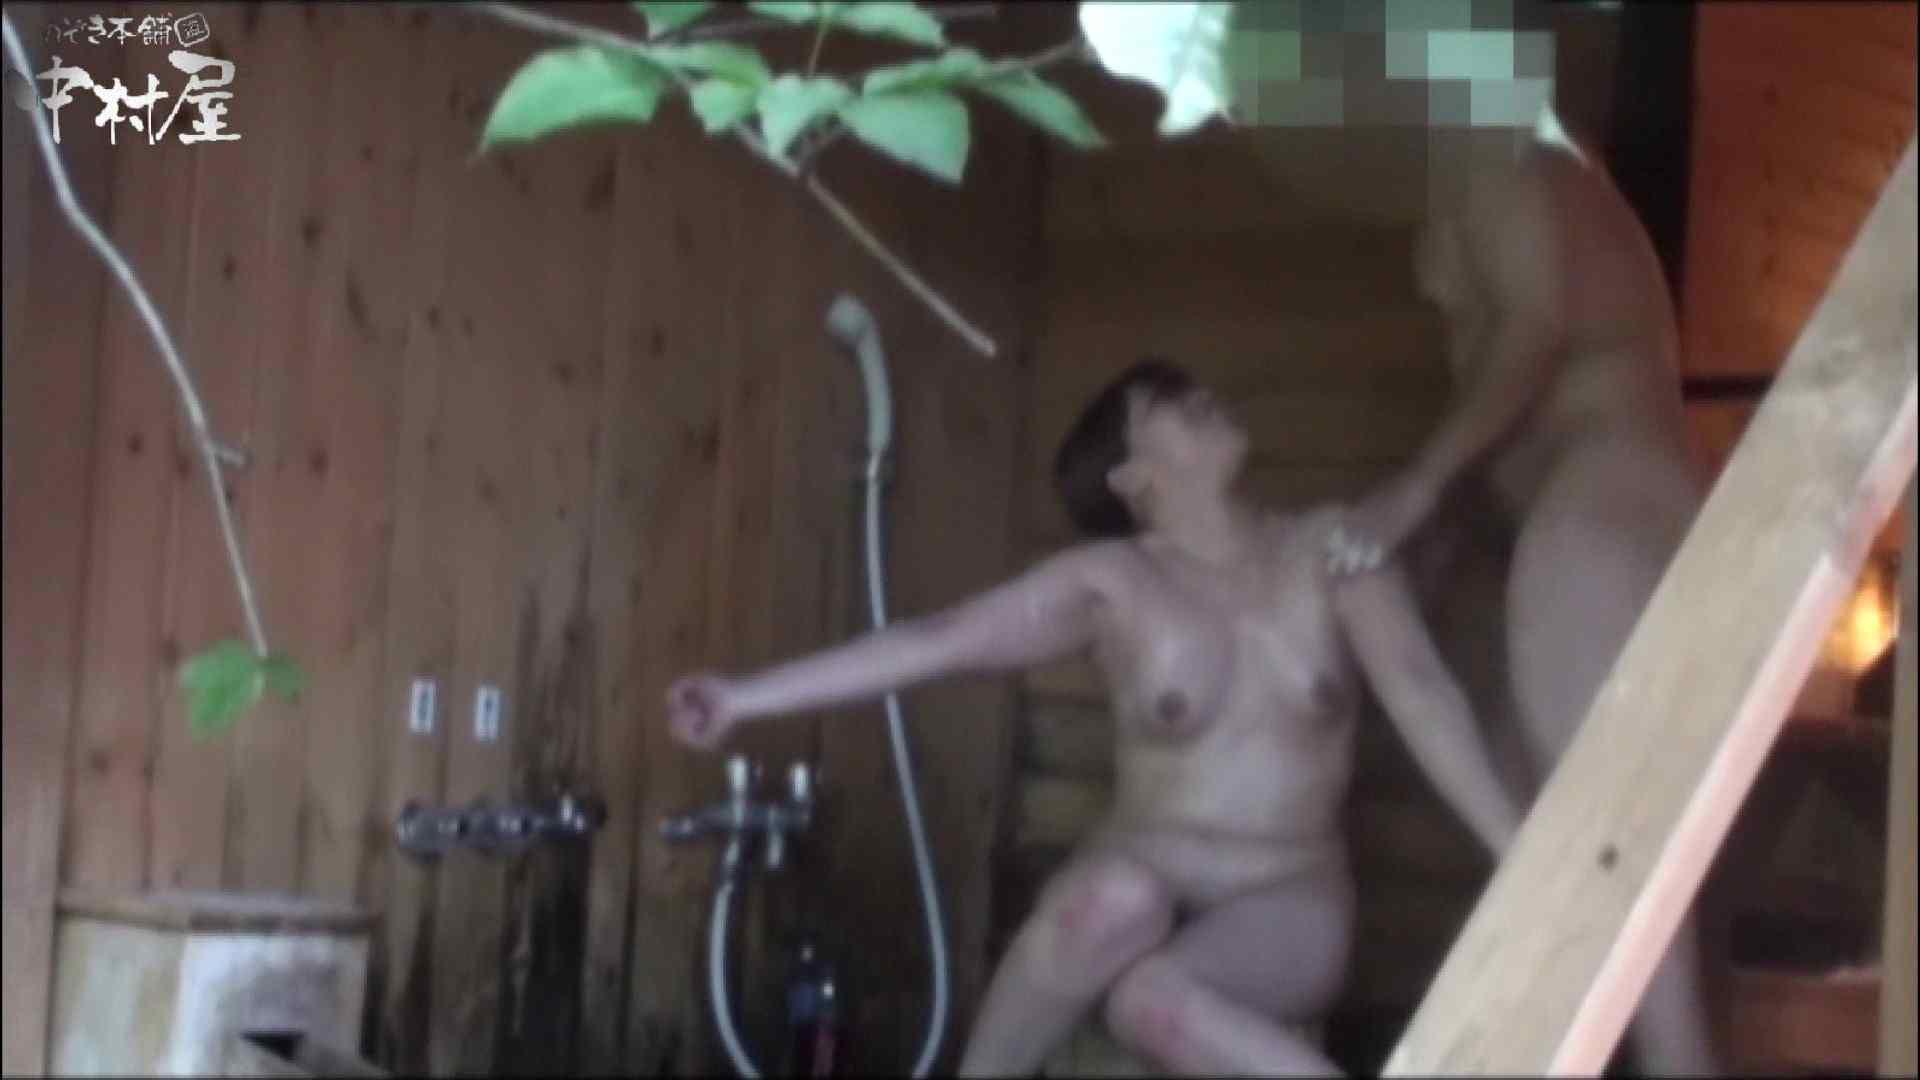 貸切露天 発情カップル! vol.03 カップル映像 すけべAV動画紹介 110PIX 77